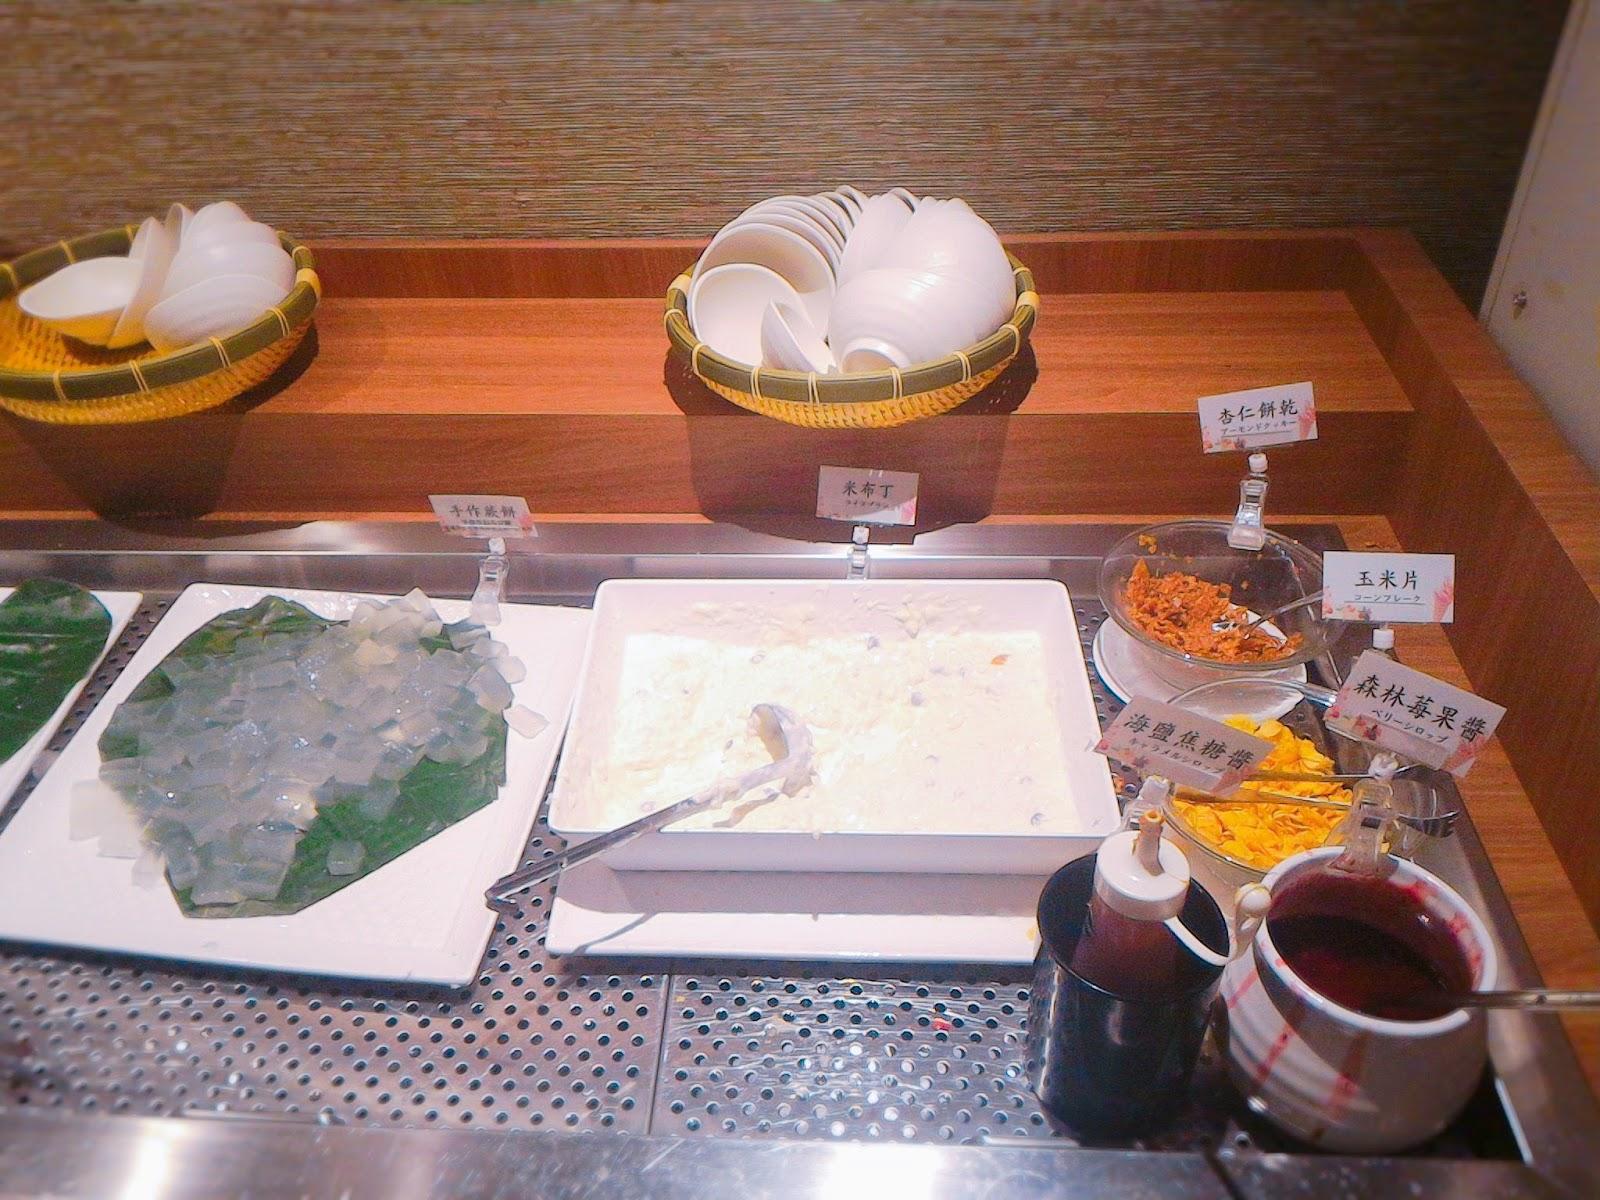 2016 10 16 19 34 34 - 【台南東區】涮乃葉吃到飽日式涮涮鍋 - 新鮮蔬菜與手工拉麵,還有超濃郁的霜淇淋!